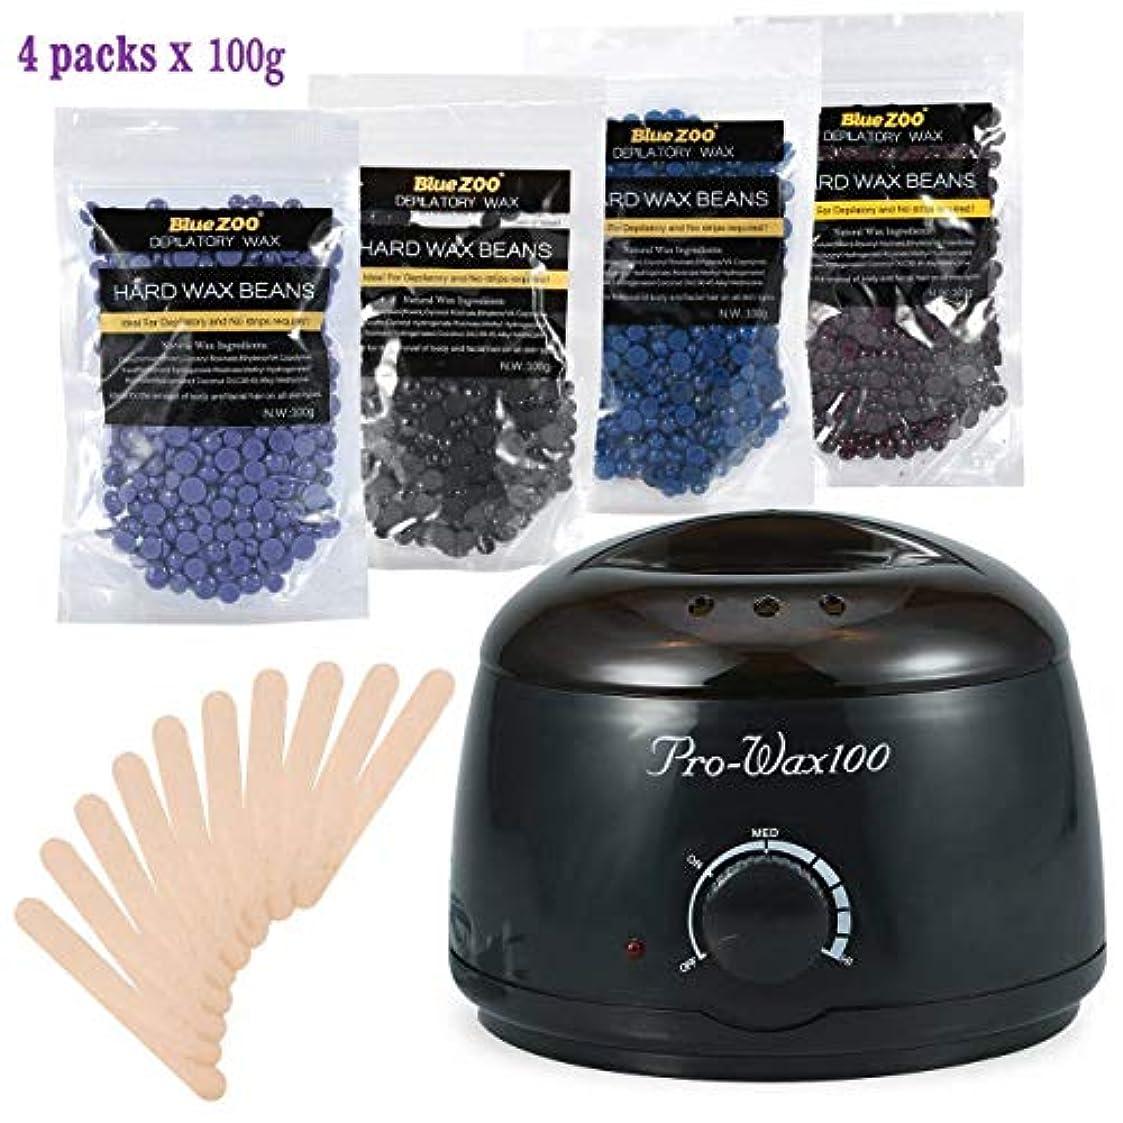 バスタブマイルド記録ボディービキニ脱毛?ワックスセット、500ml電気ワックスヒーター(ブラック)4種類のハードワックス豆と木製シャベル10種類、ワックス豆100g (1)